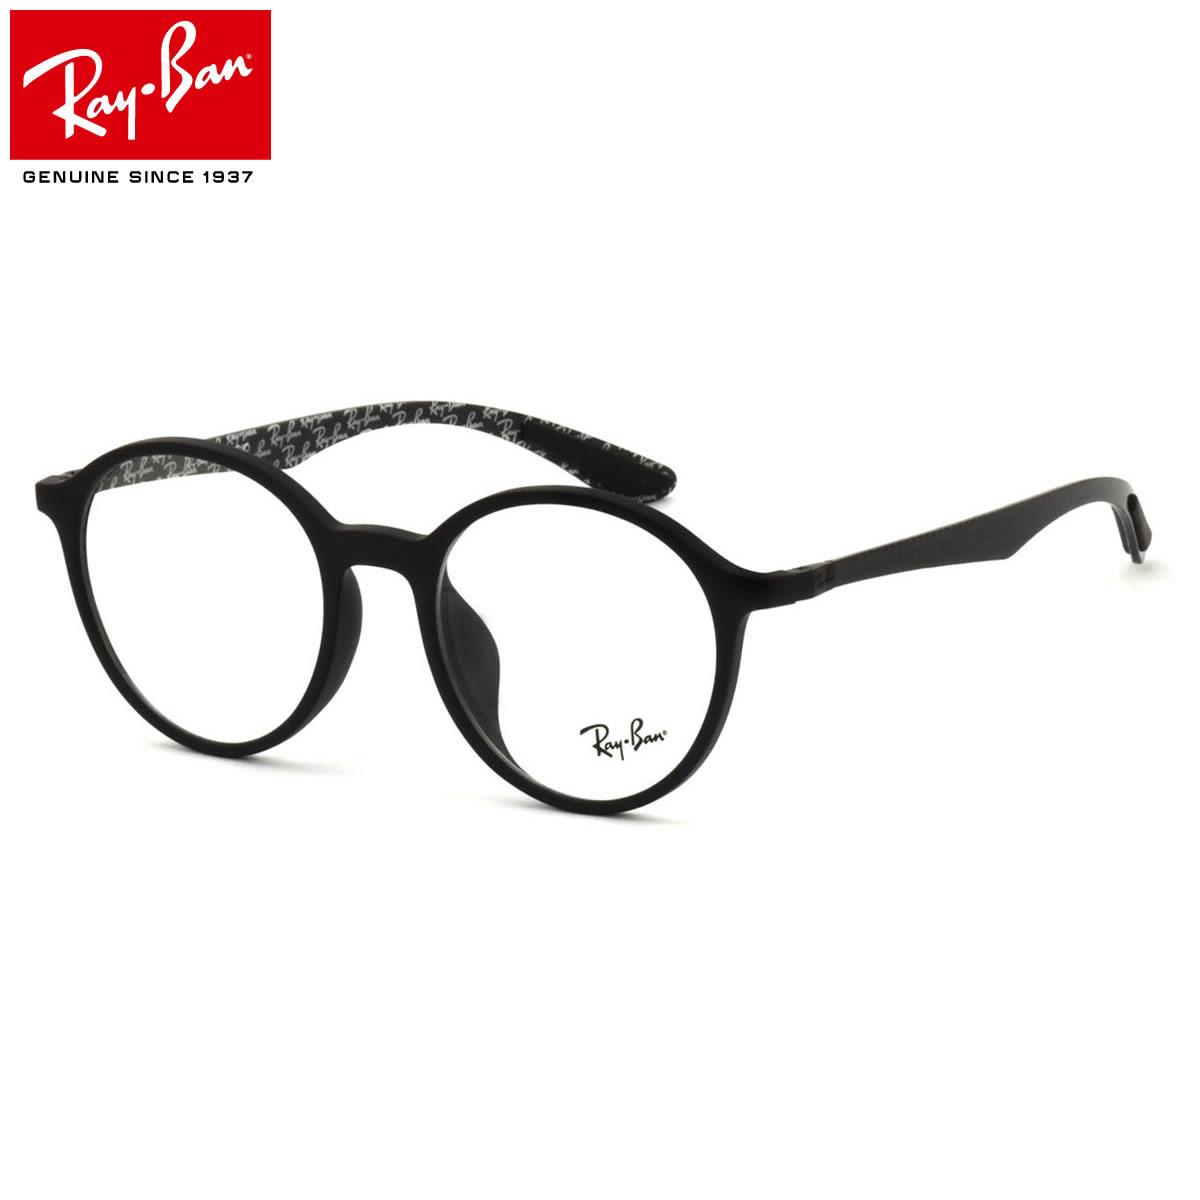 Ray-Ban レイバン メガネ RX8904F 5263 52サイズ CARBON FIBER TECH カーボン ファイバー テック ラウンド ボストン マット レイバン RayBan メンズ レディース